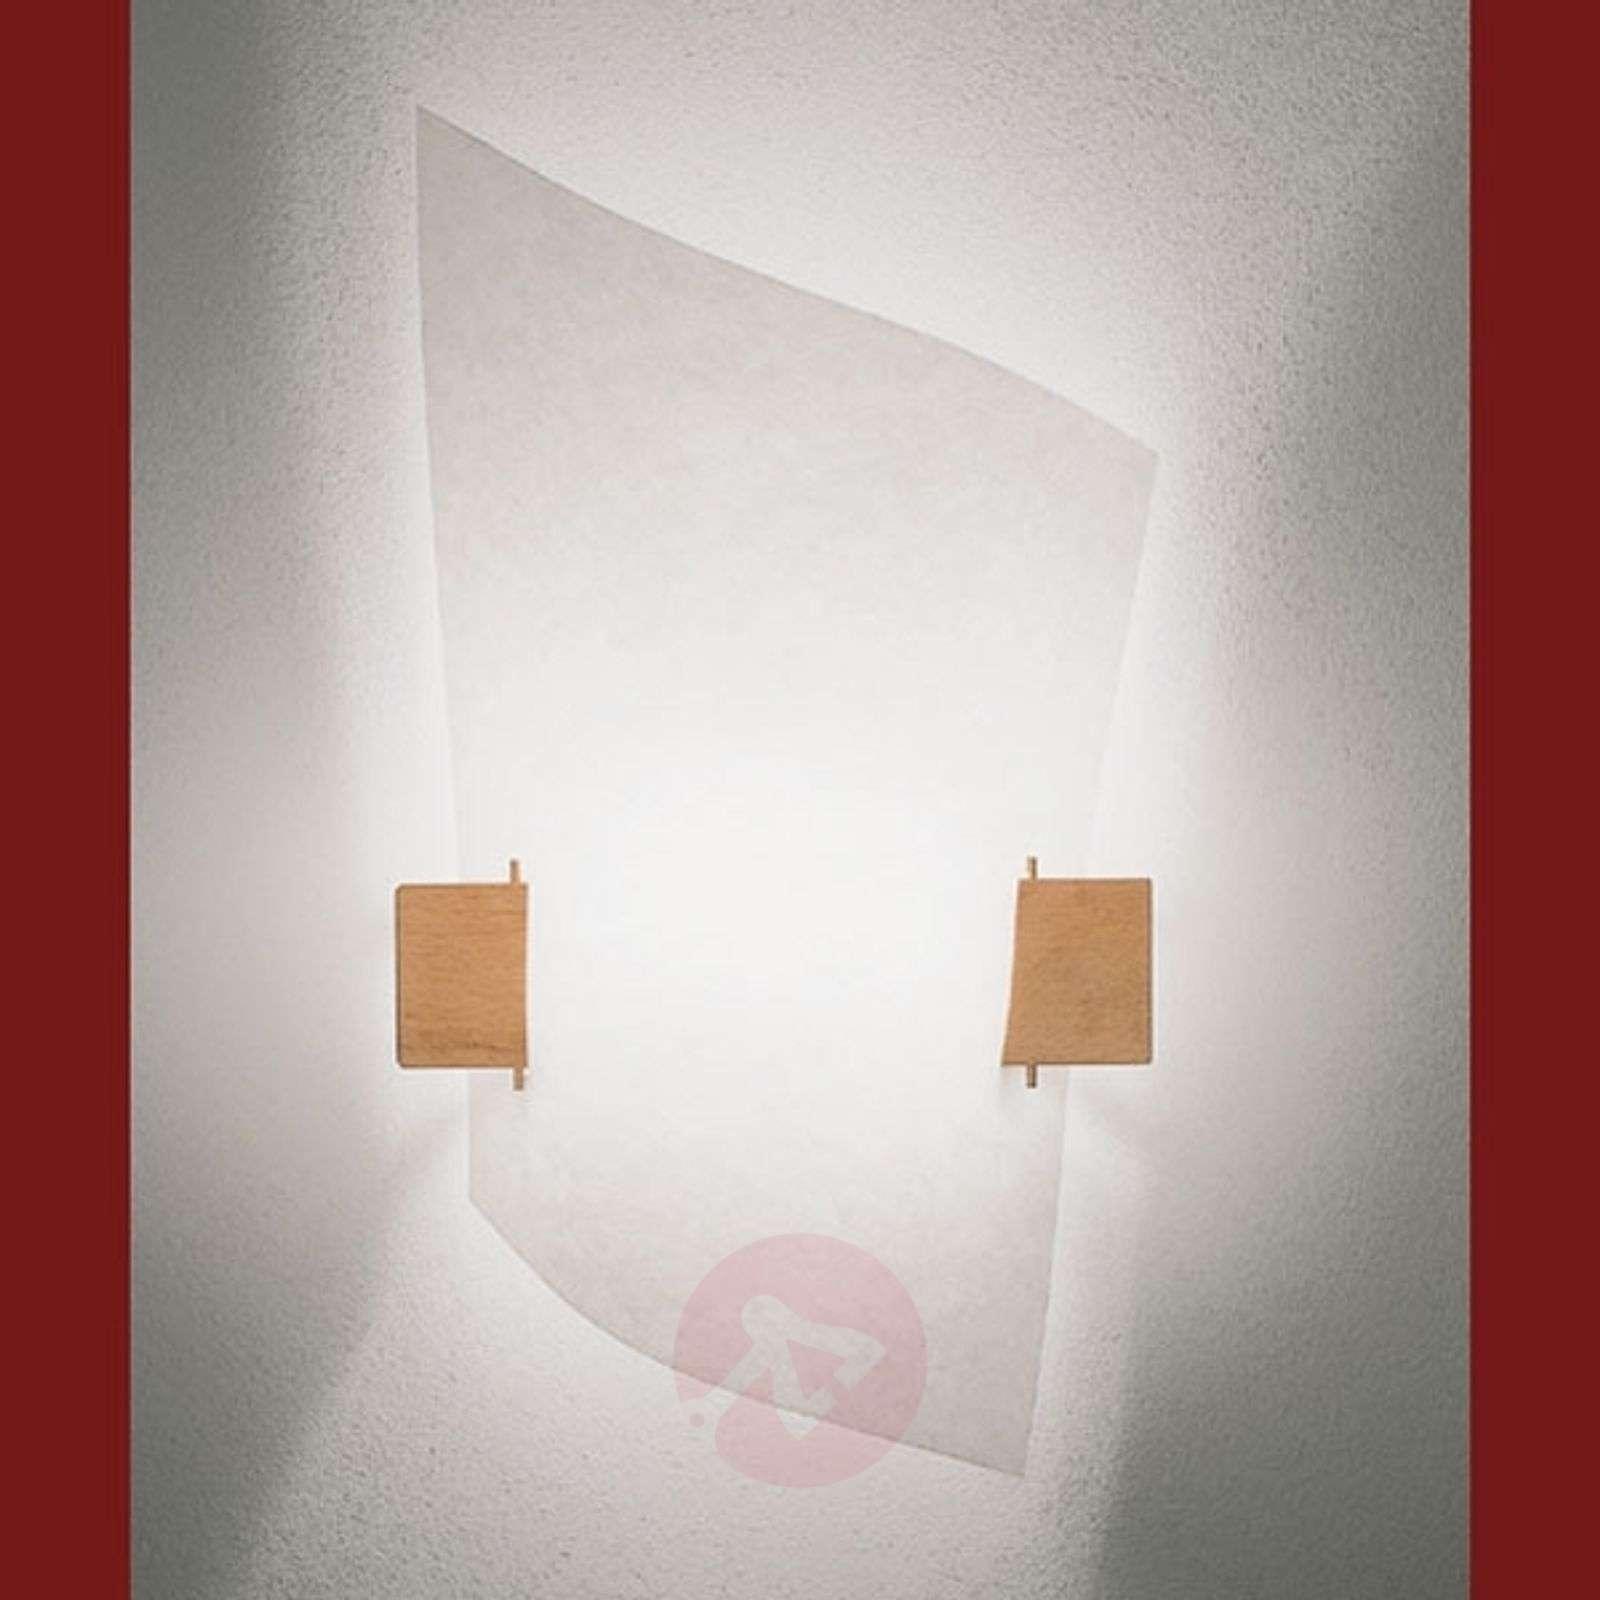 Design-seinävalaisin PLAN B, vaaleaa puuta-2600019-01